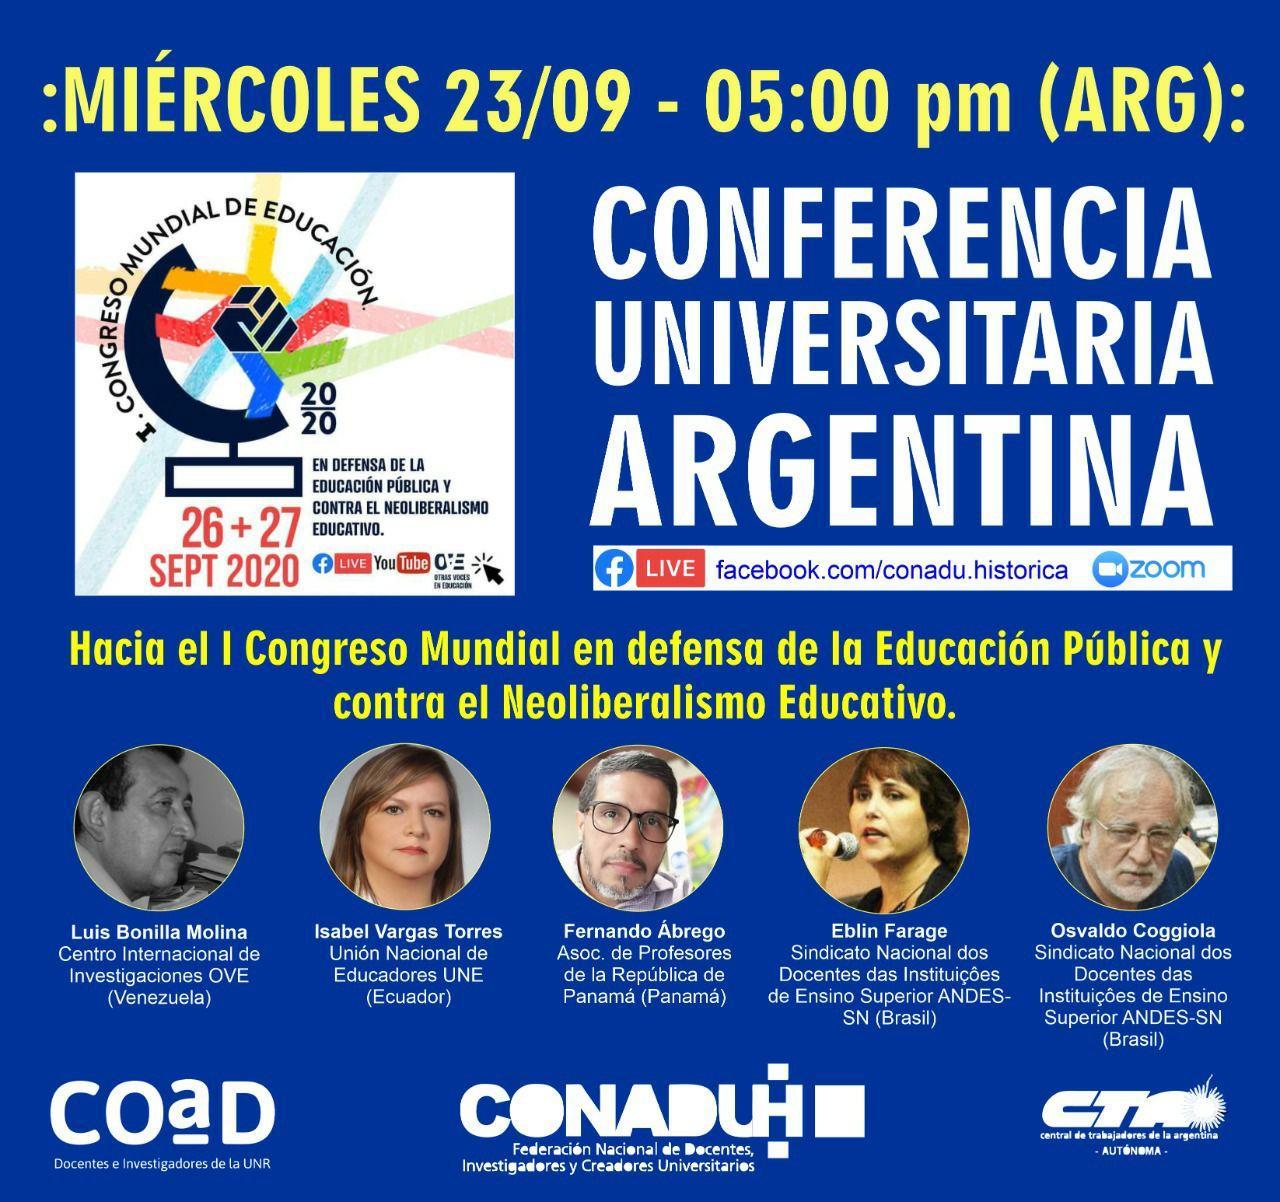 CONFERENCIA UNIVERSITARIA ARGENTINA: Hacia el I Congreso Mundial en defensa de la Educación Pública y contra el Neoliberalismo Educativo